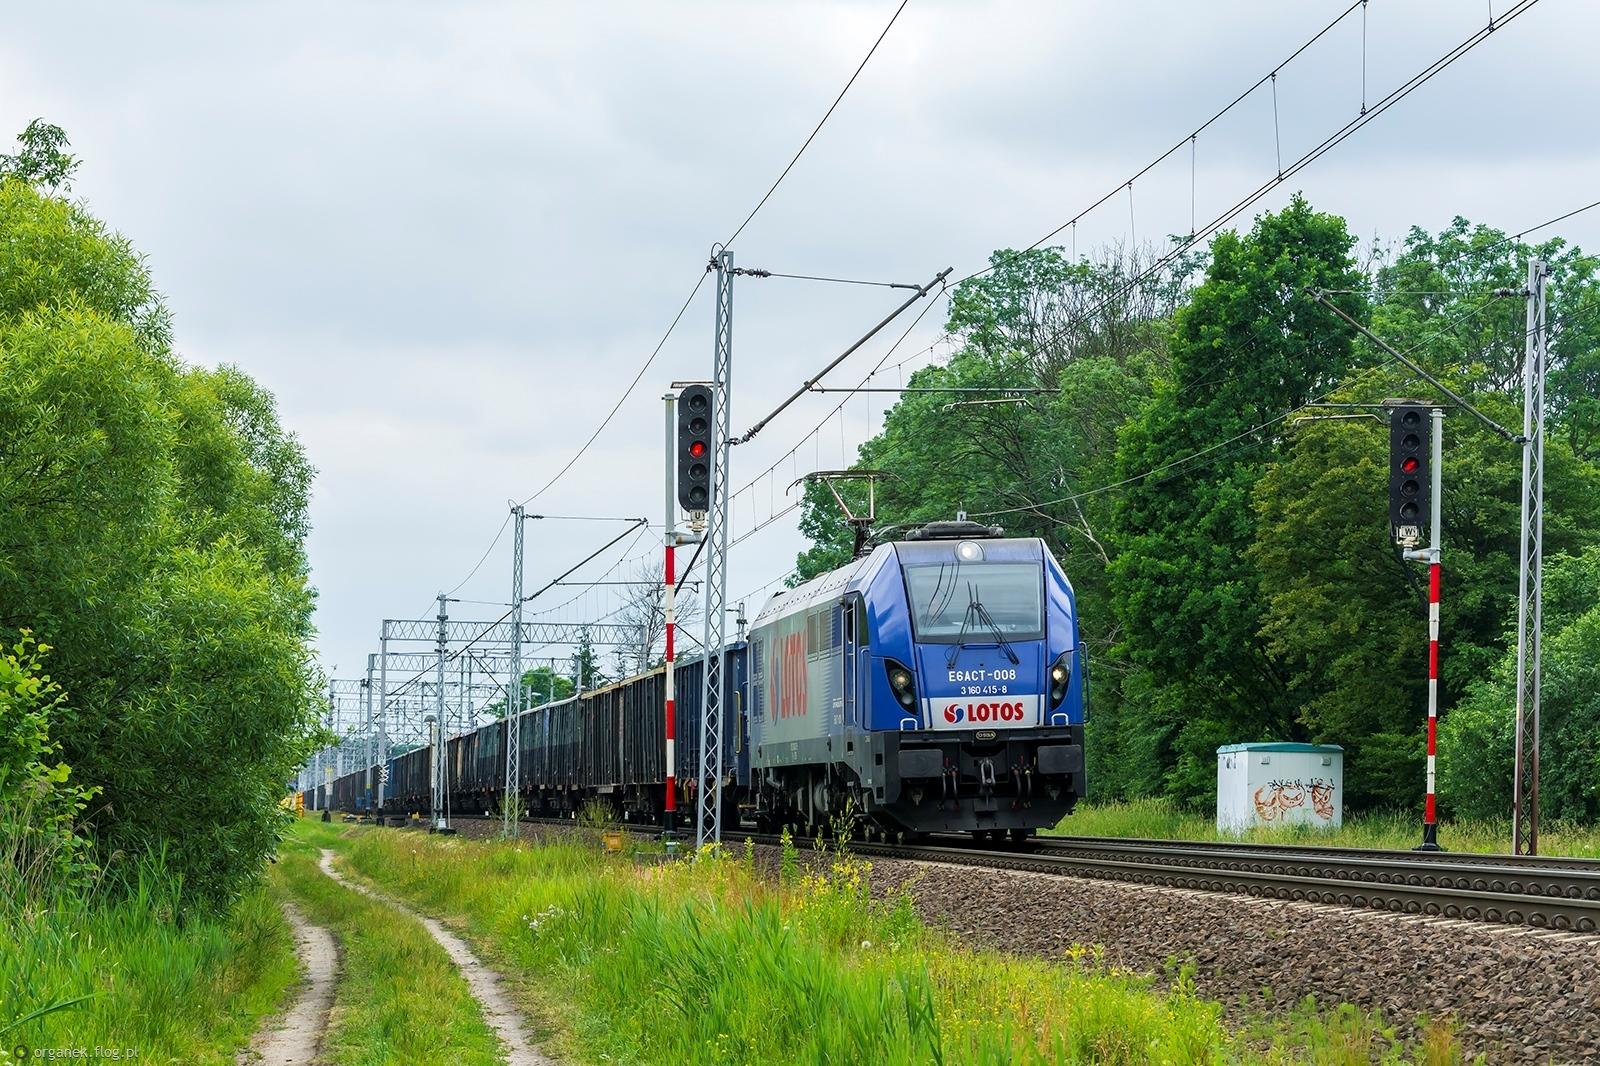 E6ACT-108